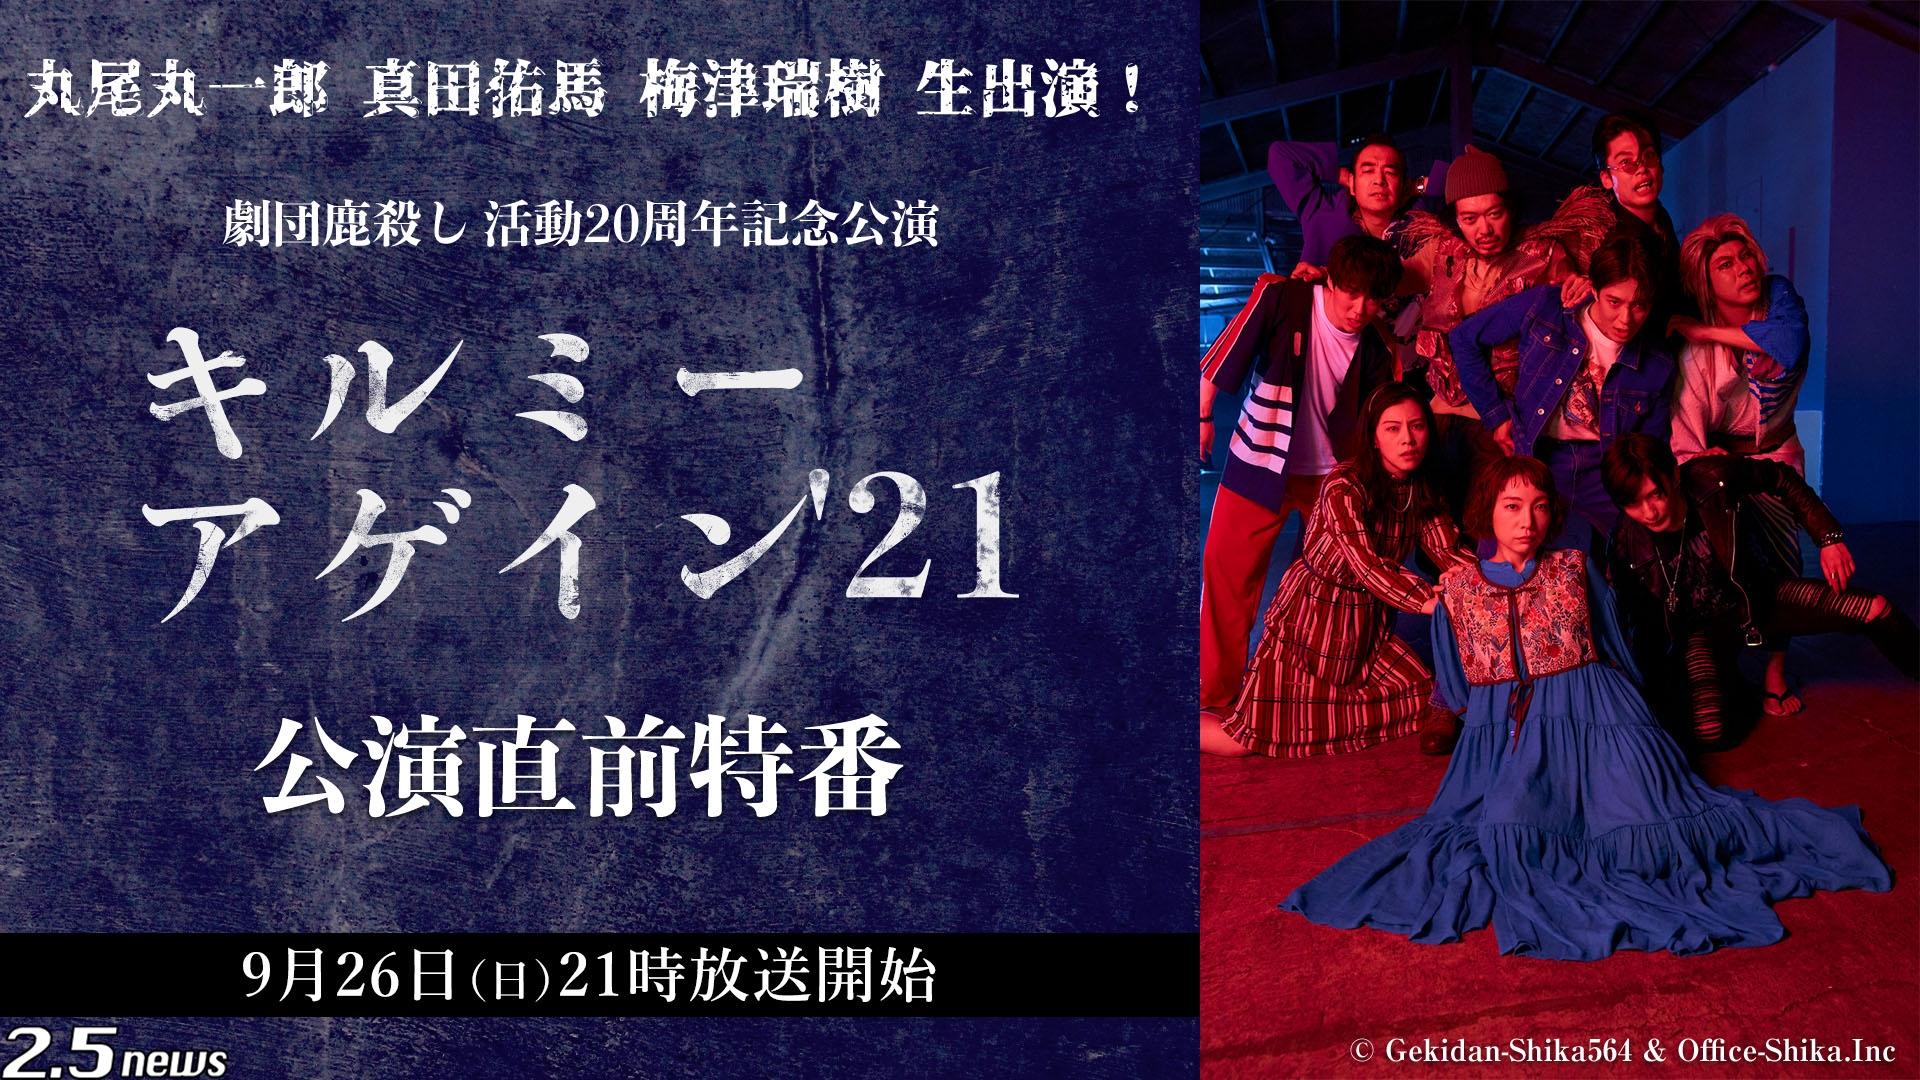 劇団鹿殺し 活動20周年記念公演「キルミーアゲイン'21」公演直前特番